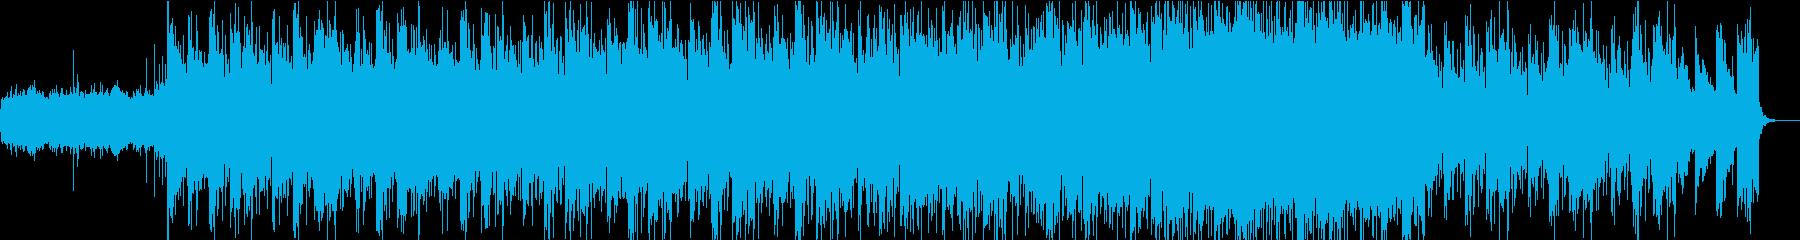 エンディング系のエレクトロニクスな曲の再生済みの波形